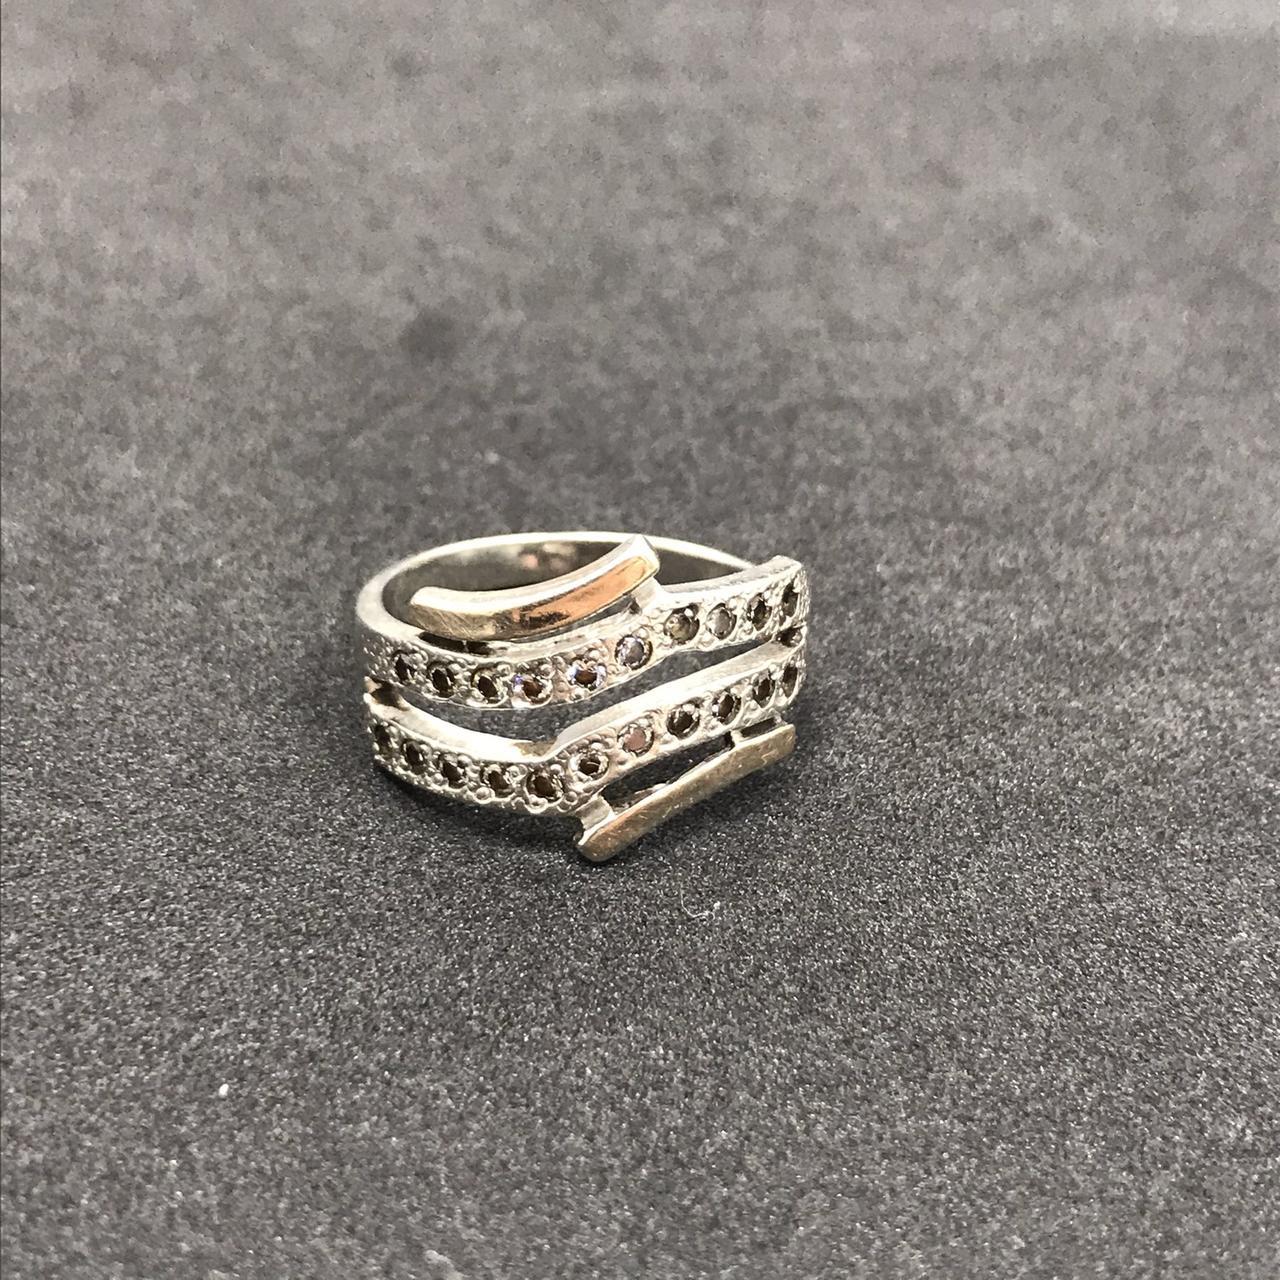 Серебряное кольцо 925 пробы с фианитами, размер 19,5. Вес - 3,96 г. Б/у. Продажа из ломбарда